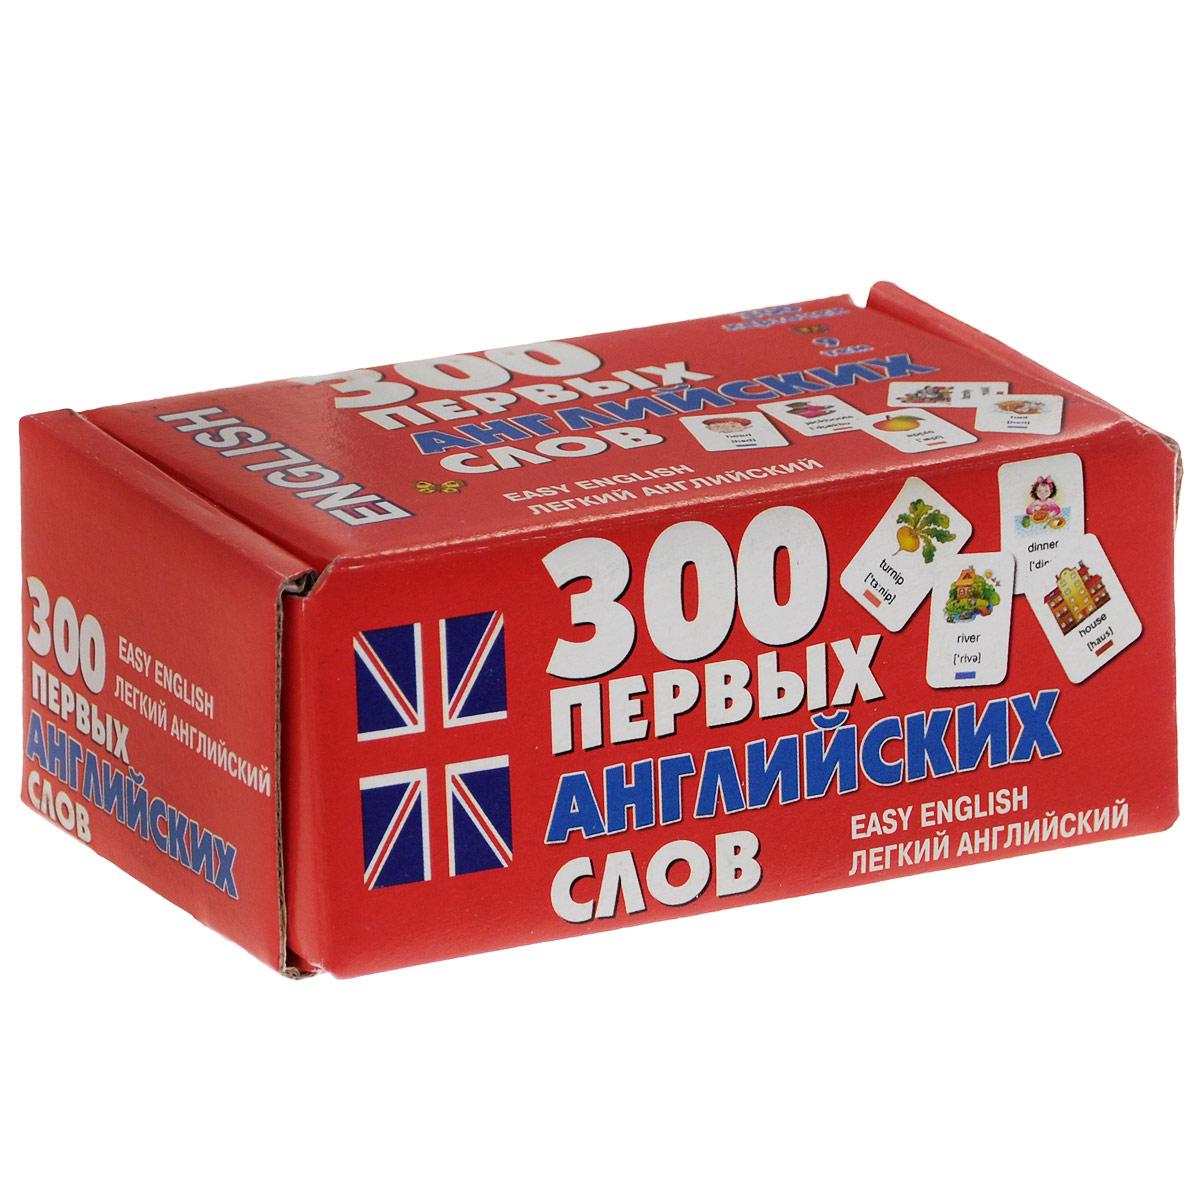 Фото - 300 первых английских слов (набор из 300 карточек) григорьева а и 100 первых английских слов природа набор карточек